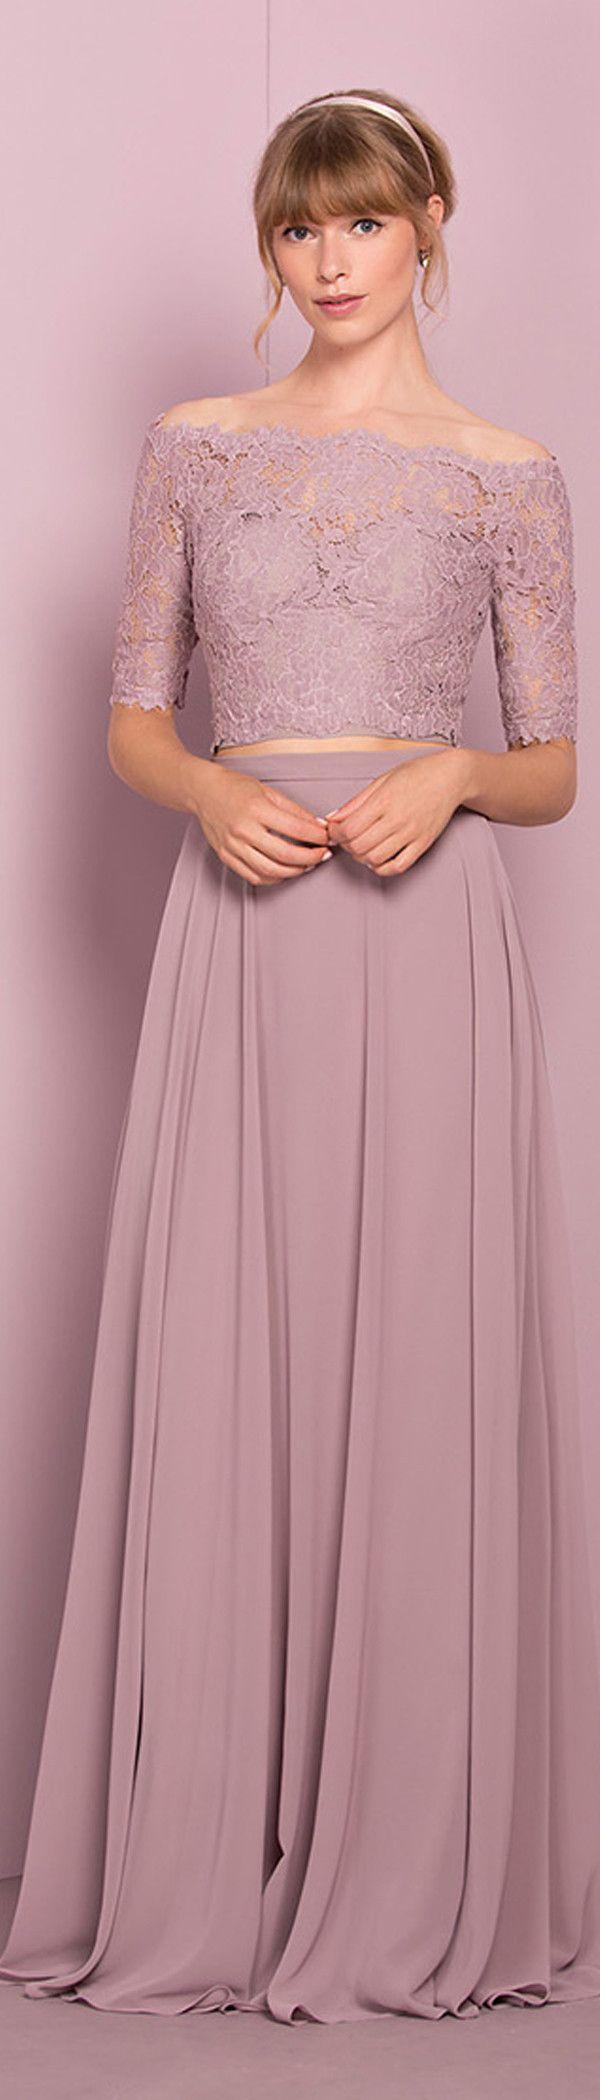 Marvelous Lace & Chiffon Off-the-shoulder Neckline Two-piece A-line Bridesmaid Dress